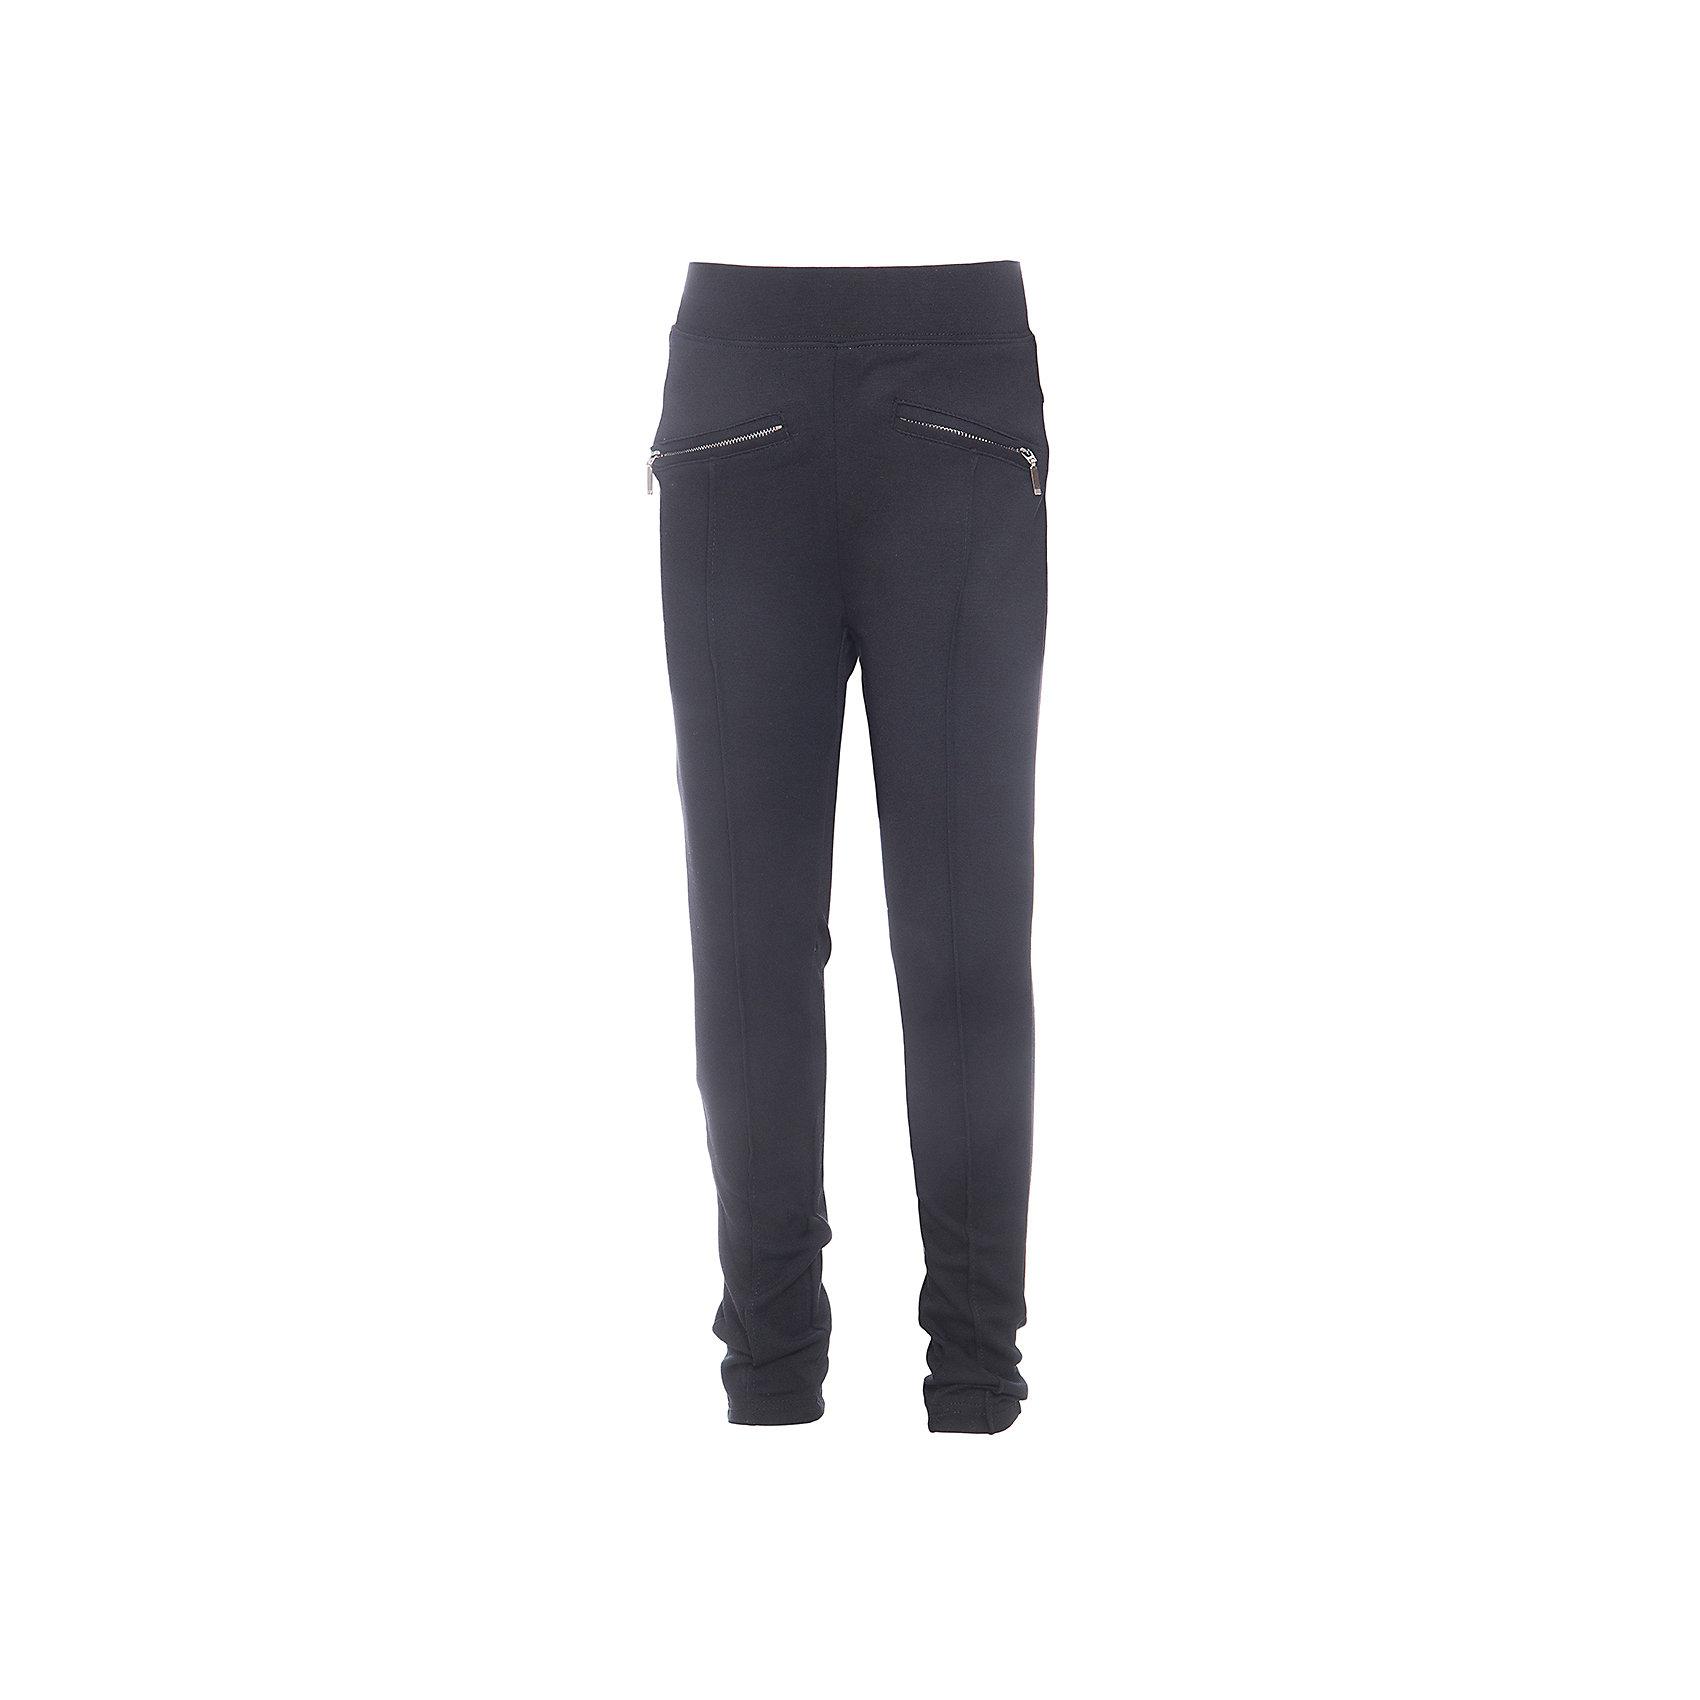 Брюки для девочки LuminosoБрюки<br>Брюки для девочки от известного бренда Luminoso<br>Стильные брюки прямого покроя с декоративными рельефными  стрелками и молниям. Модель выполнена из эластичного трикотажа высокого качества, в пояс вставлена резинка, поэтому в них будет комфортно и удобно. Классические цвета моделей будут гармонировать с любыми предметами гардероба .<br>Состав:<br>65% хлопок, 30% полиэстер,  5% эластан<br><br>Ширина мм: 215<br>Глубина мм: 88<br>Высота мм: 191<br>Вес г: 336<br>Цвет: черный<br>Возраст от месяцев: 144<br>Возраст до месяцев: 156<br>Пол: Женский<br>Возраст: Детский<br>Размер: 158,140,128,164,134,152,146<br>SKU: 4812096